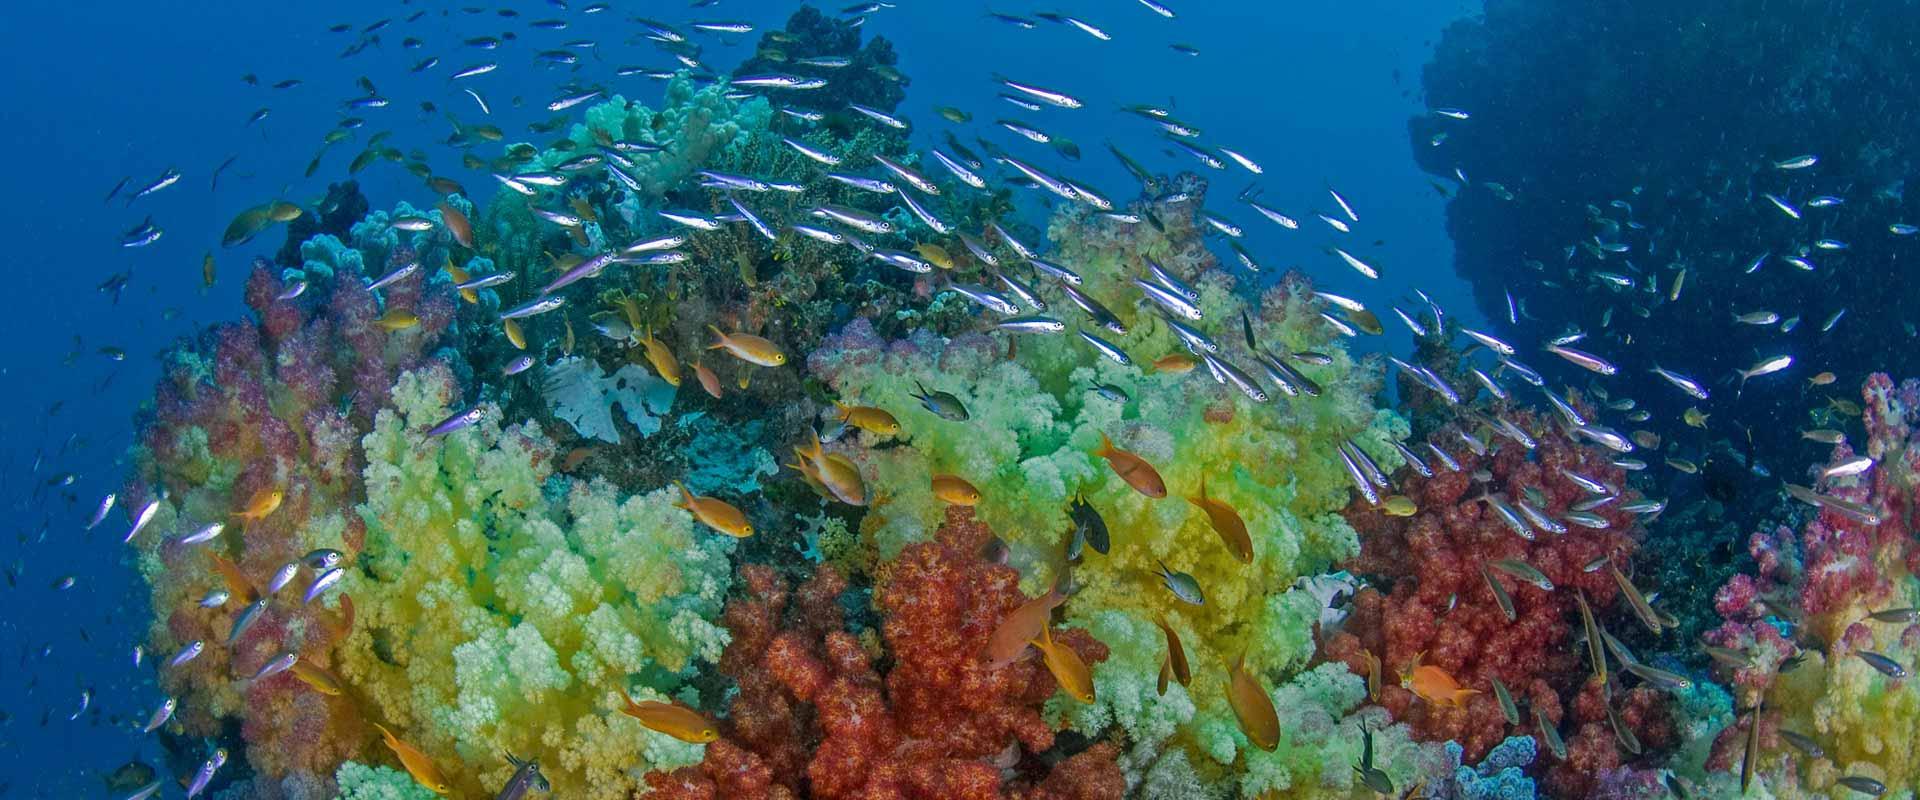 Korallenriff an der Vogelkopf Halbinsel. Viele Sardienen und andere Fische schwimmen durch und über die bunten Korallen